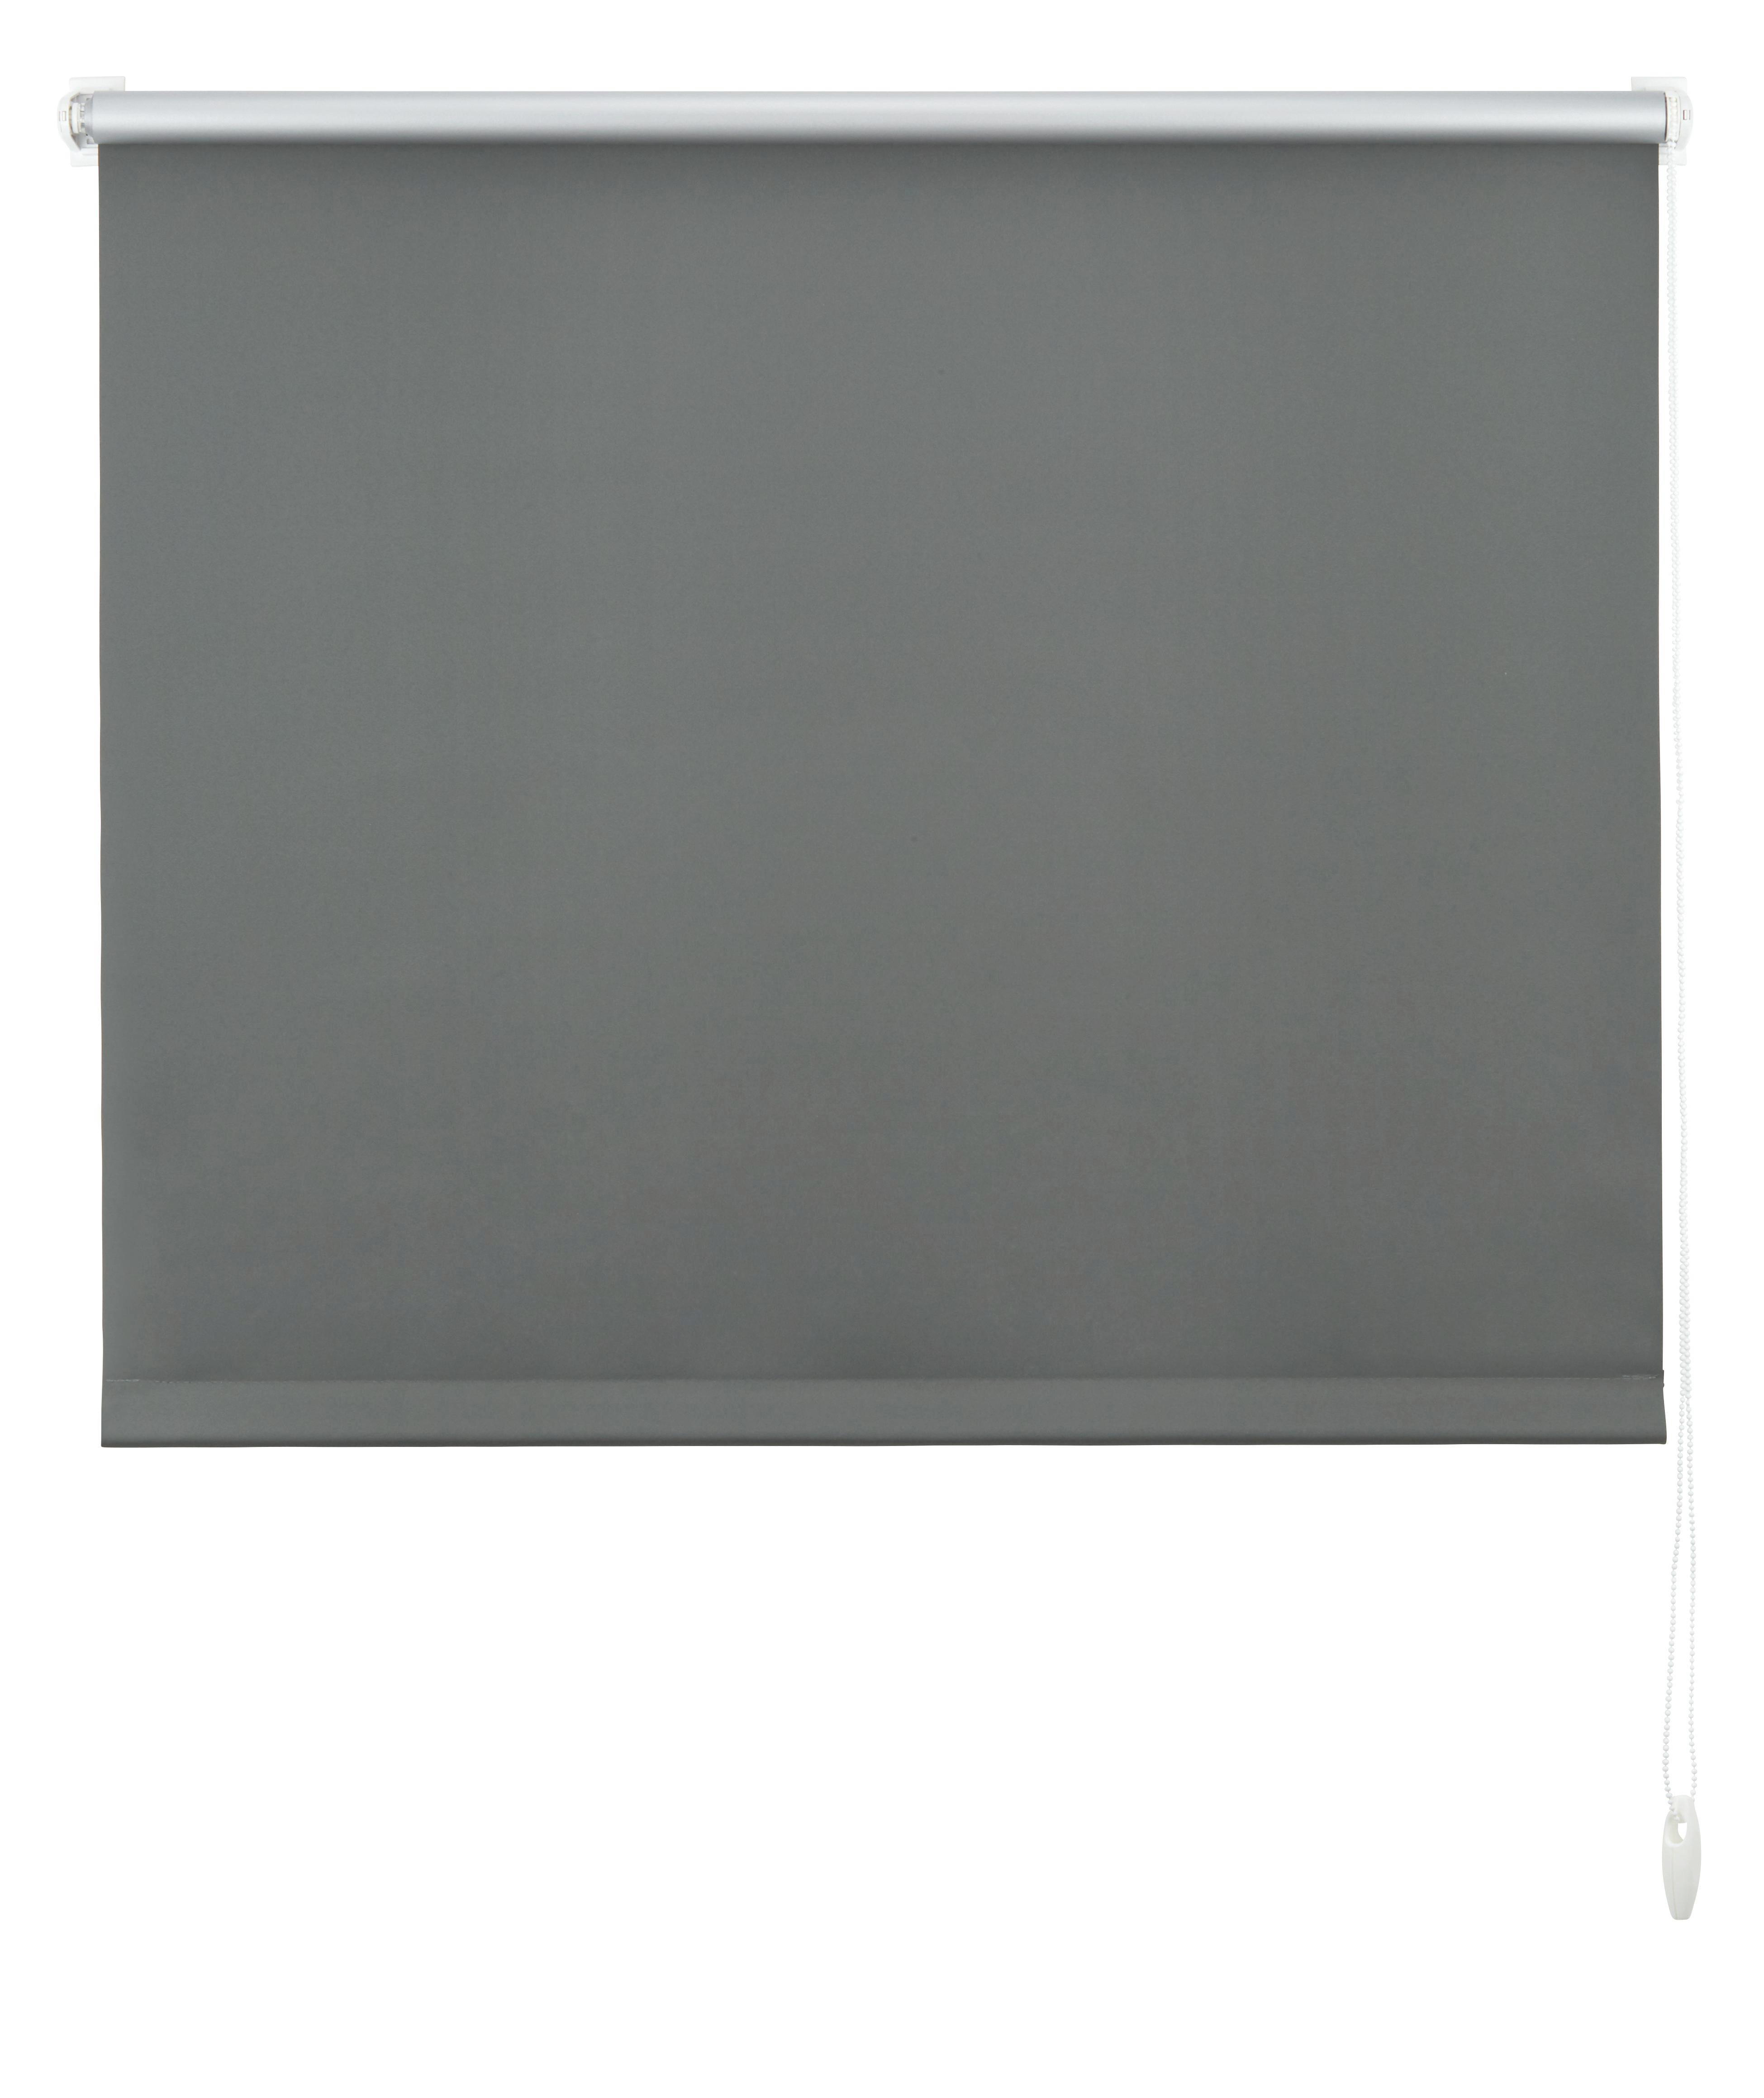 Klemmrollo Thermo, ca. 100x150cm online kaufen ➤ mömax